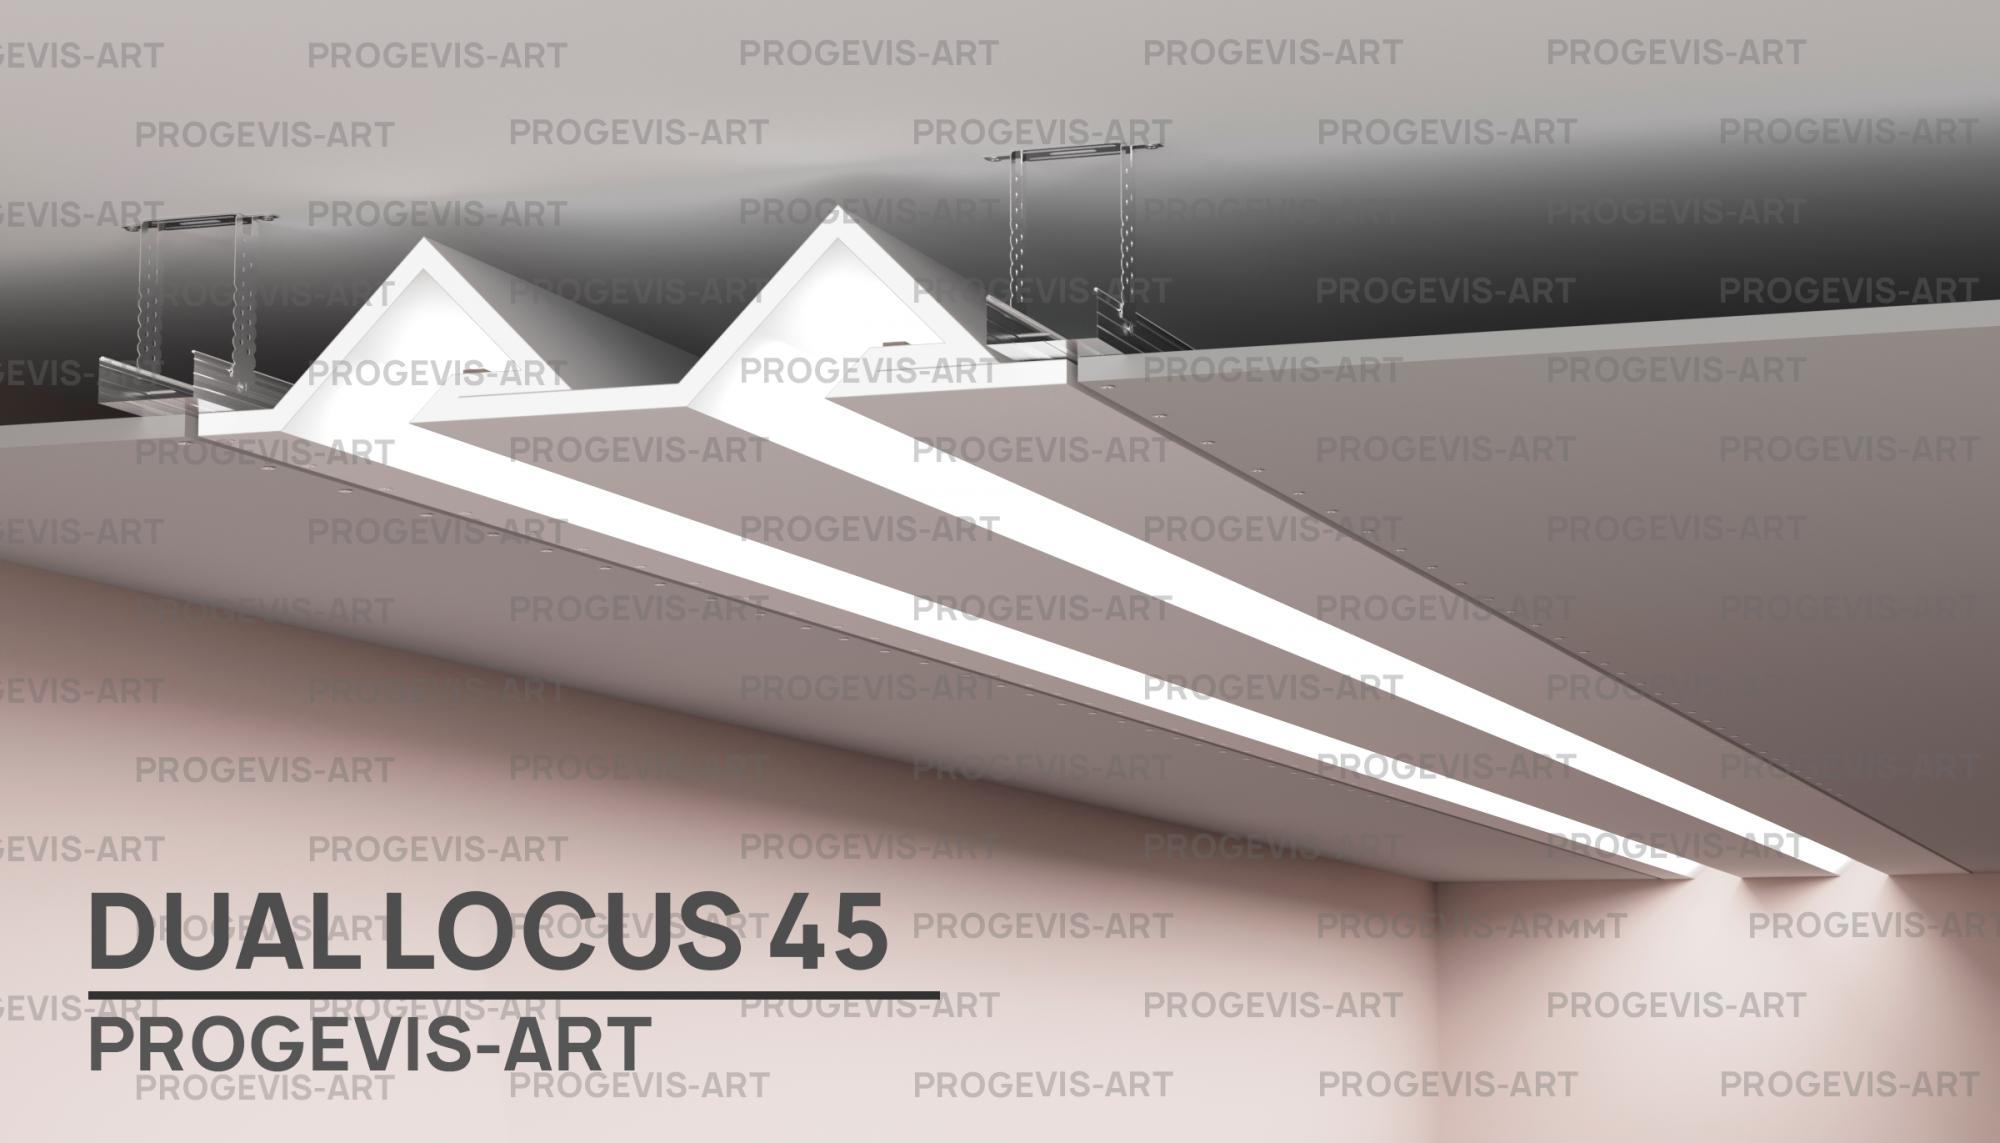 Dual Locus 45